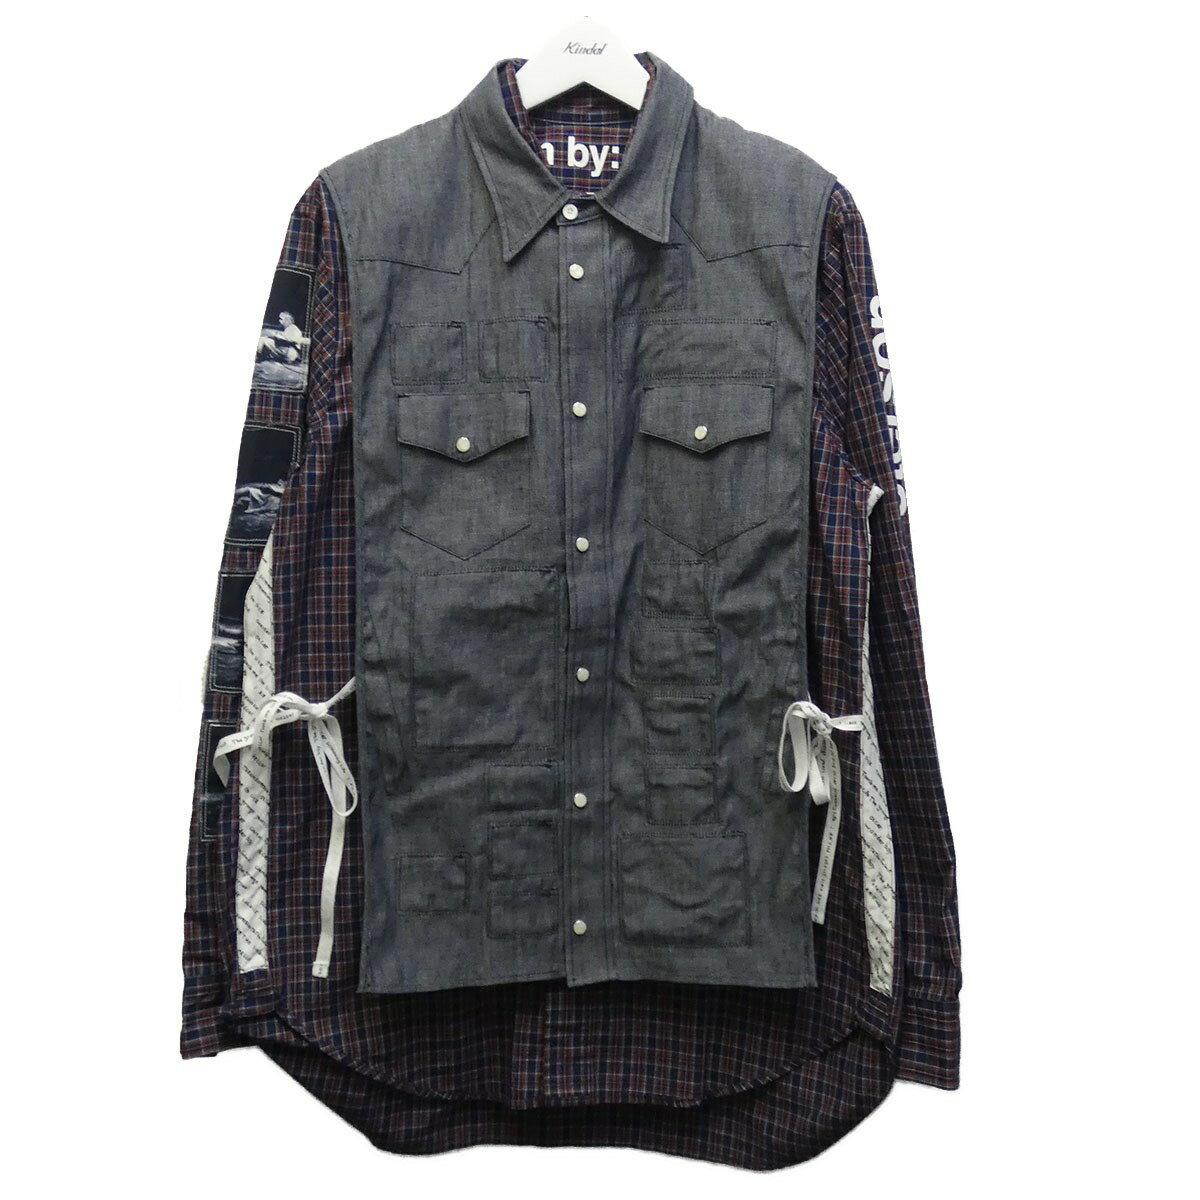 トップス, カジュアルシャツ TAKAHIROMIYASHITA TheSoloIst 19SS180 shirt type 3 46 030820